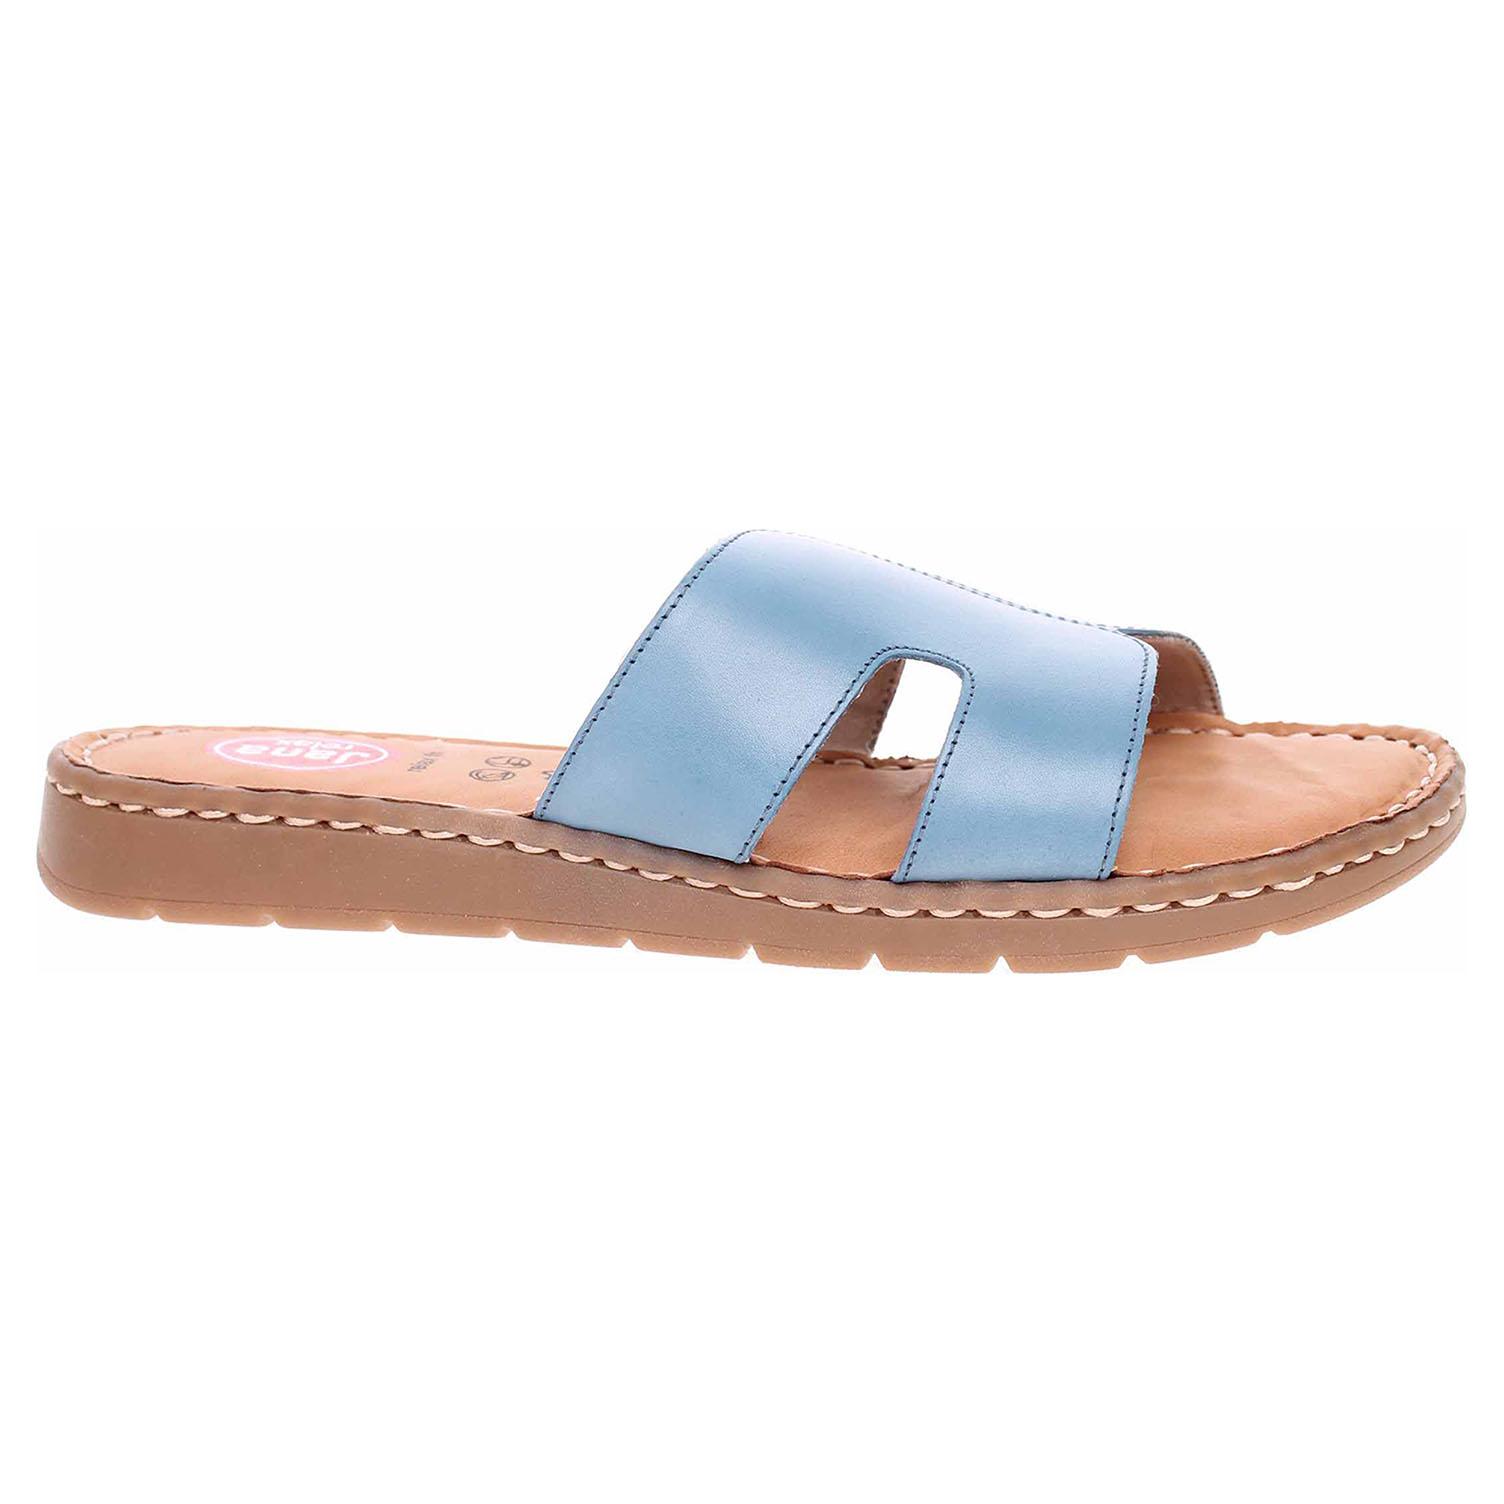 Dámské pantofle Jana 8-27115-26 lt. blue 8-8-27115-26 843 45